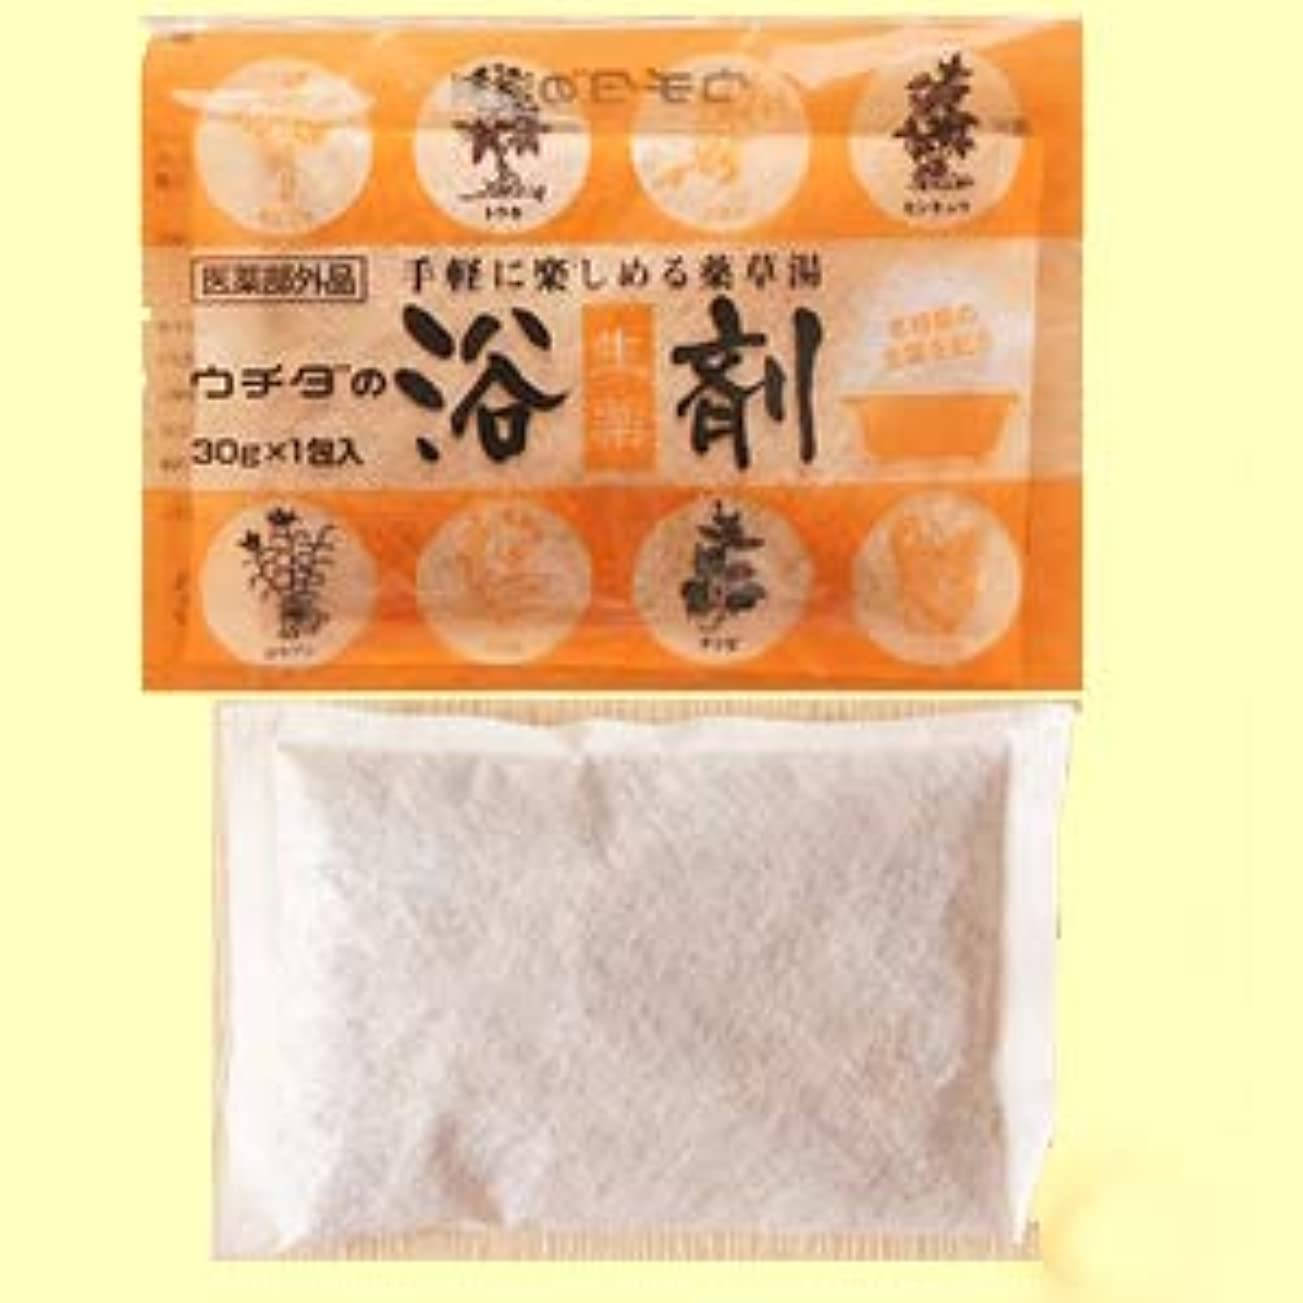 無許可不利同様にウチダの浴剤 30g×3包